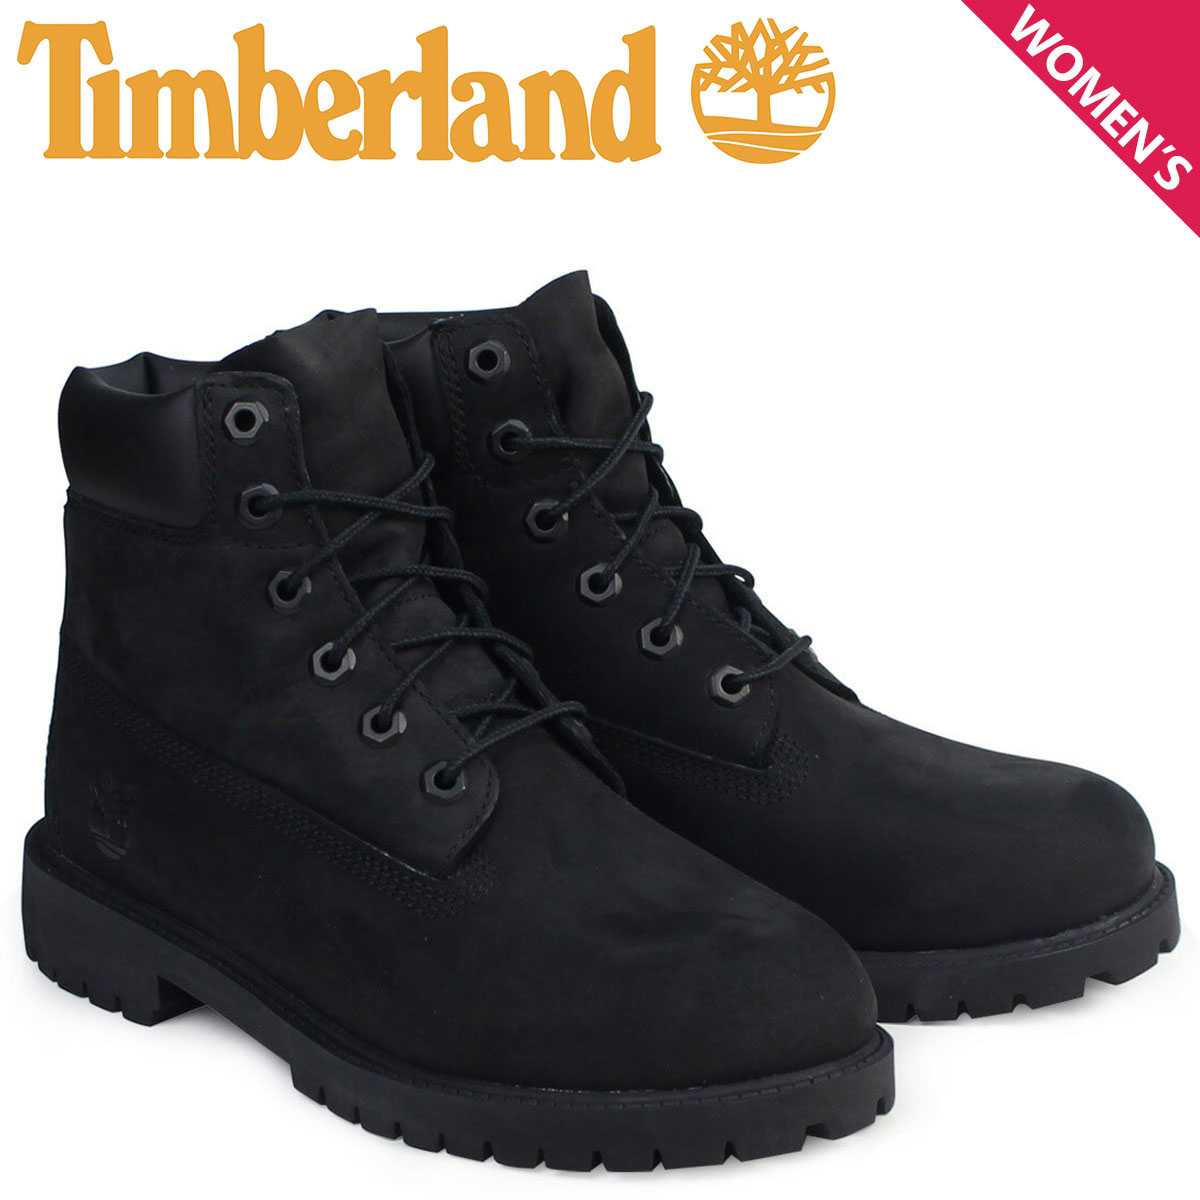 Timberland ティンバーランド レディース 6INCH WATERPROOF BOOTS ブーツ 6インチ プレミアム ウォータープルーフ ブーツ 12907 ブラック [11/18 追加入荷]